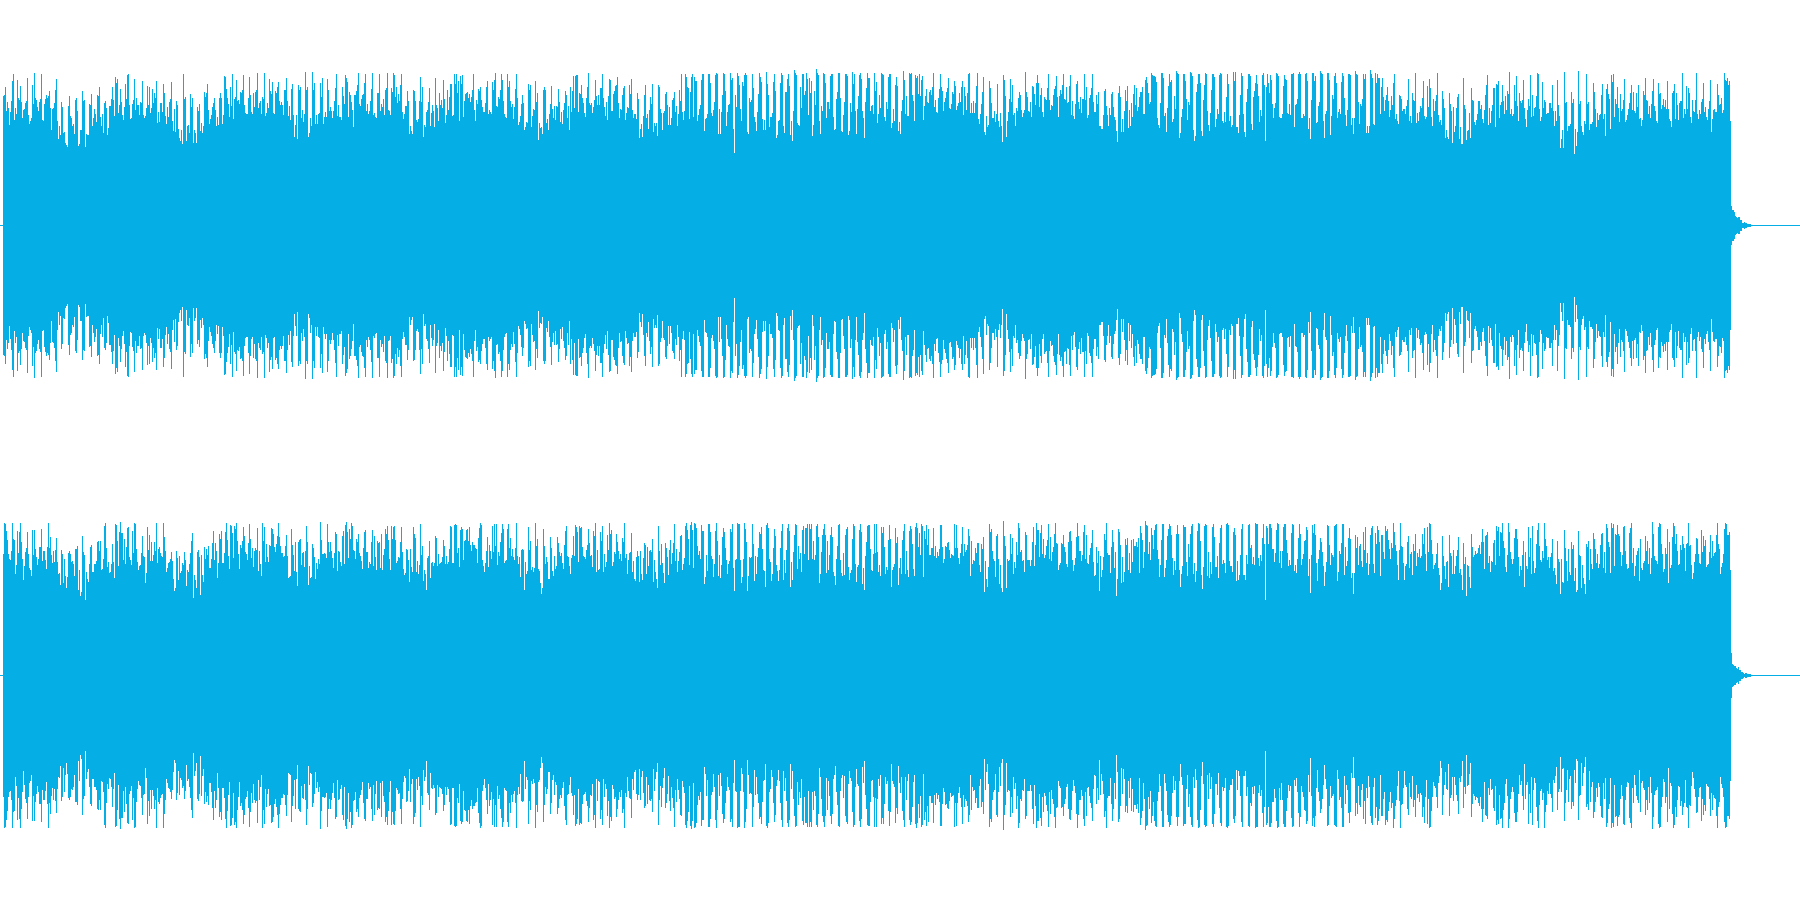 スタイリッシュなテクノBGMの再生済みの波形